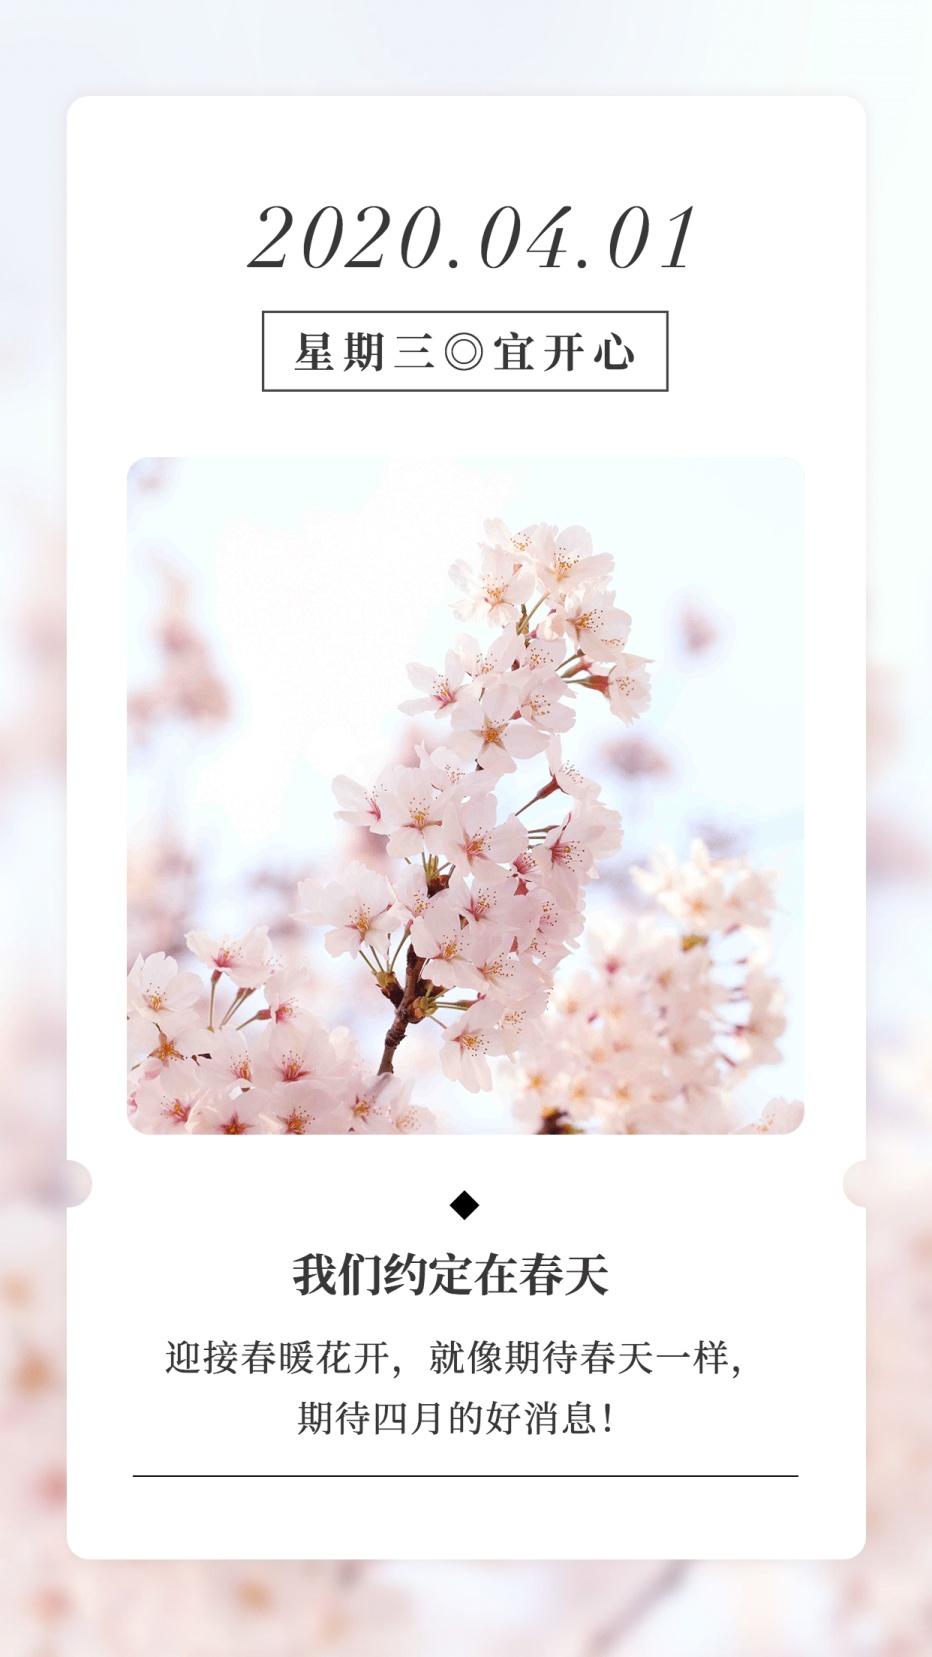 4月你好月初问候春天樱花手机海报